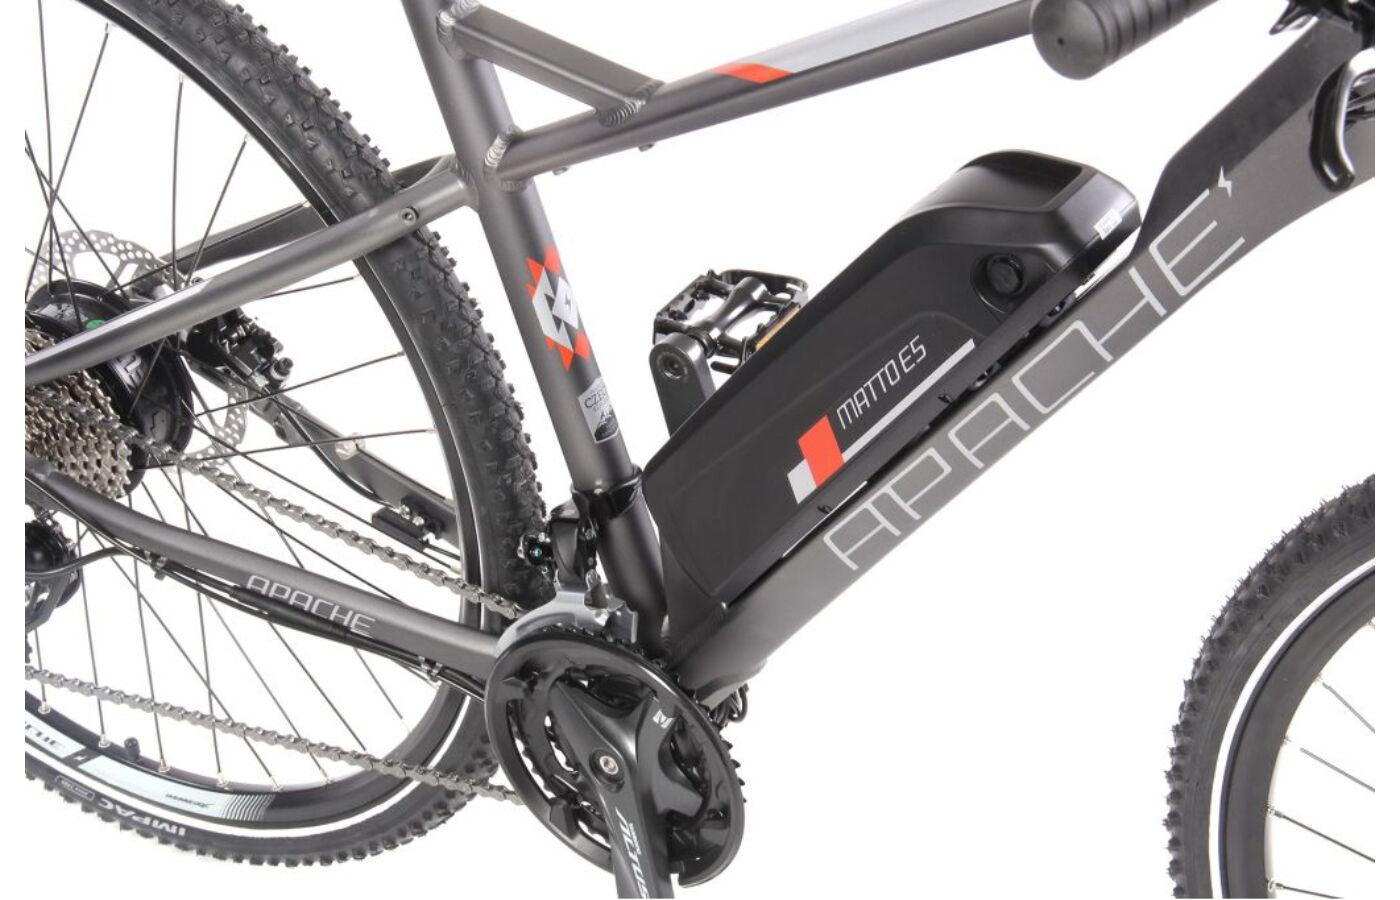 APACHE Matto E5 elektromos kerékpár - Ambringa pedelec webshop dcf8473145